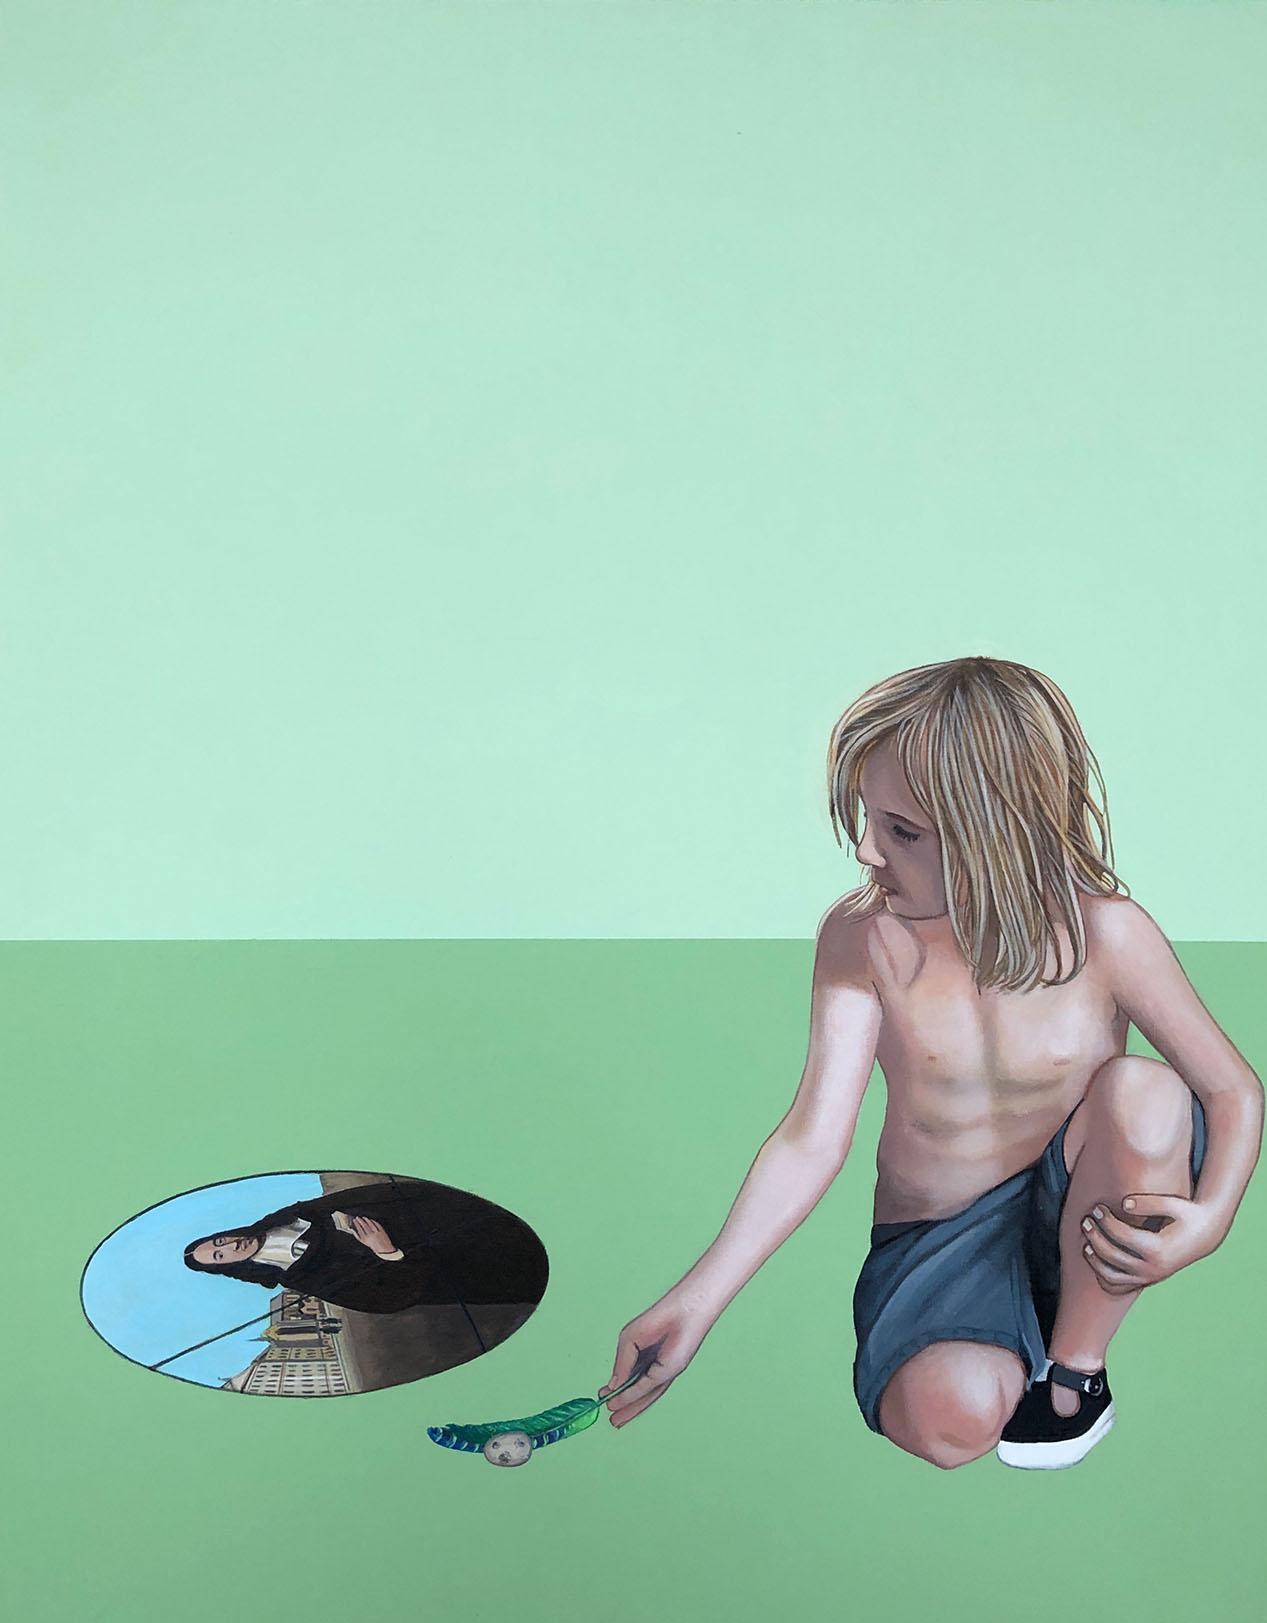 Cristina Ruiz Guinazu, Les causes extérieures, acrylics on canvas, 92 x 73 cm, 2019